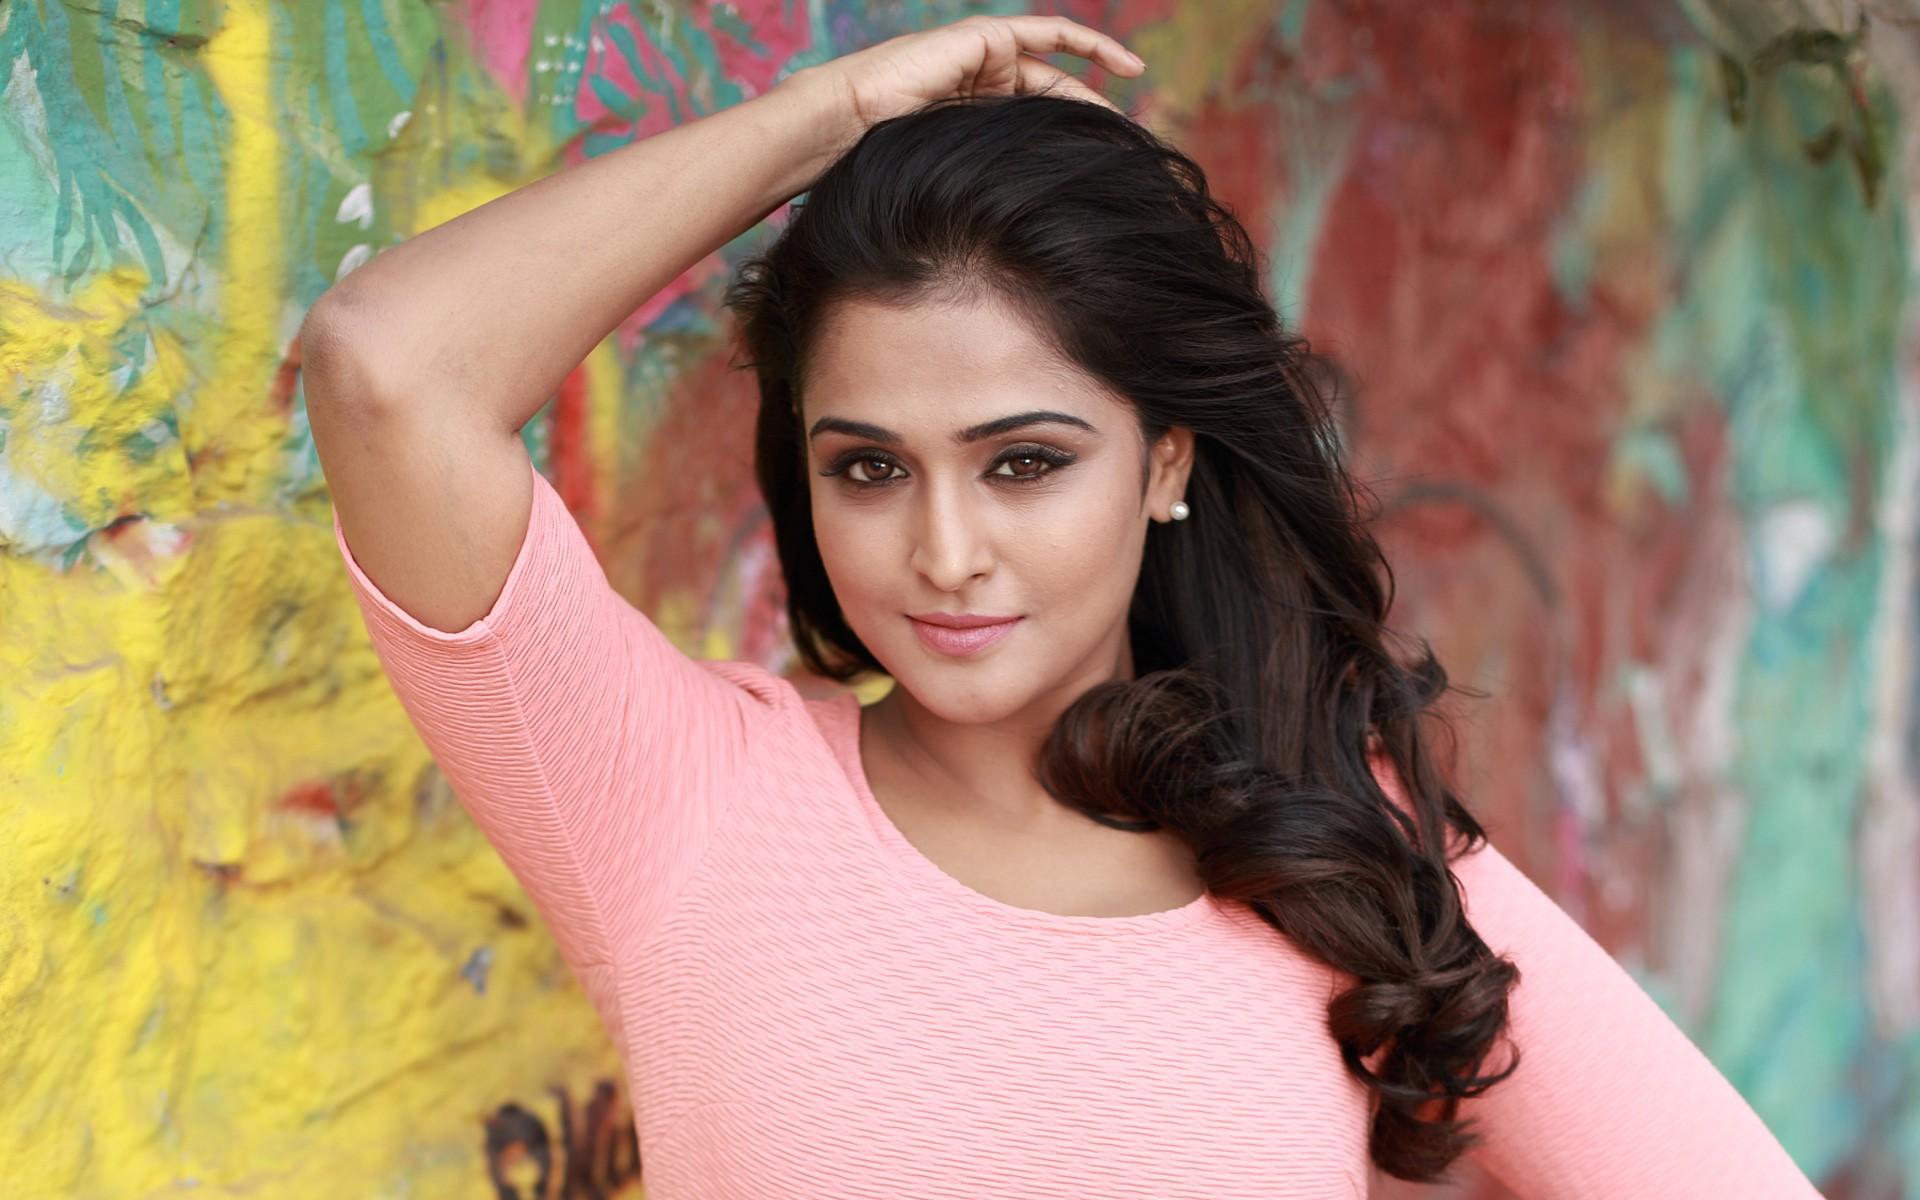 Cute Small Girl Full Hd Wallpaper Actress Remya Nambeesan Wallpapers Hd Wallpapers Id 17244